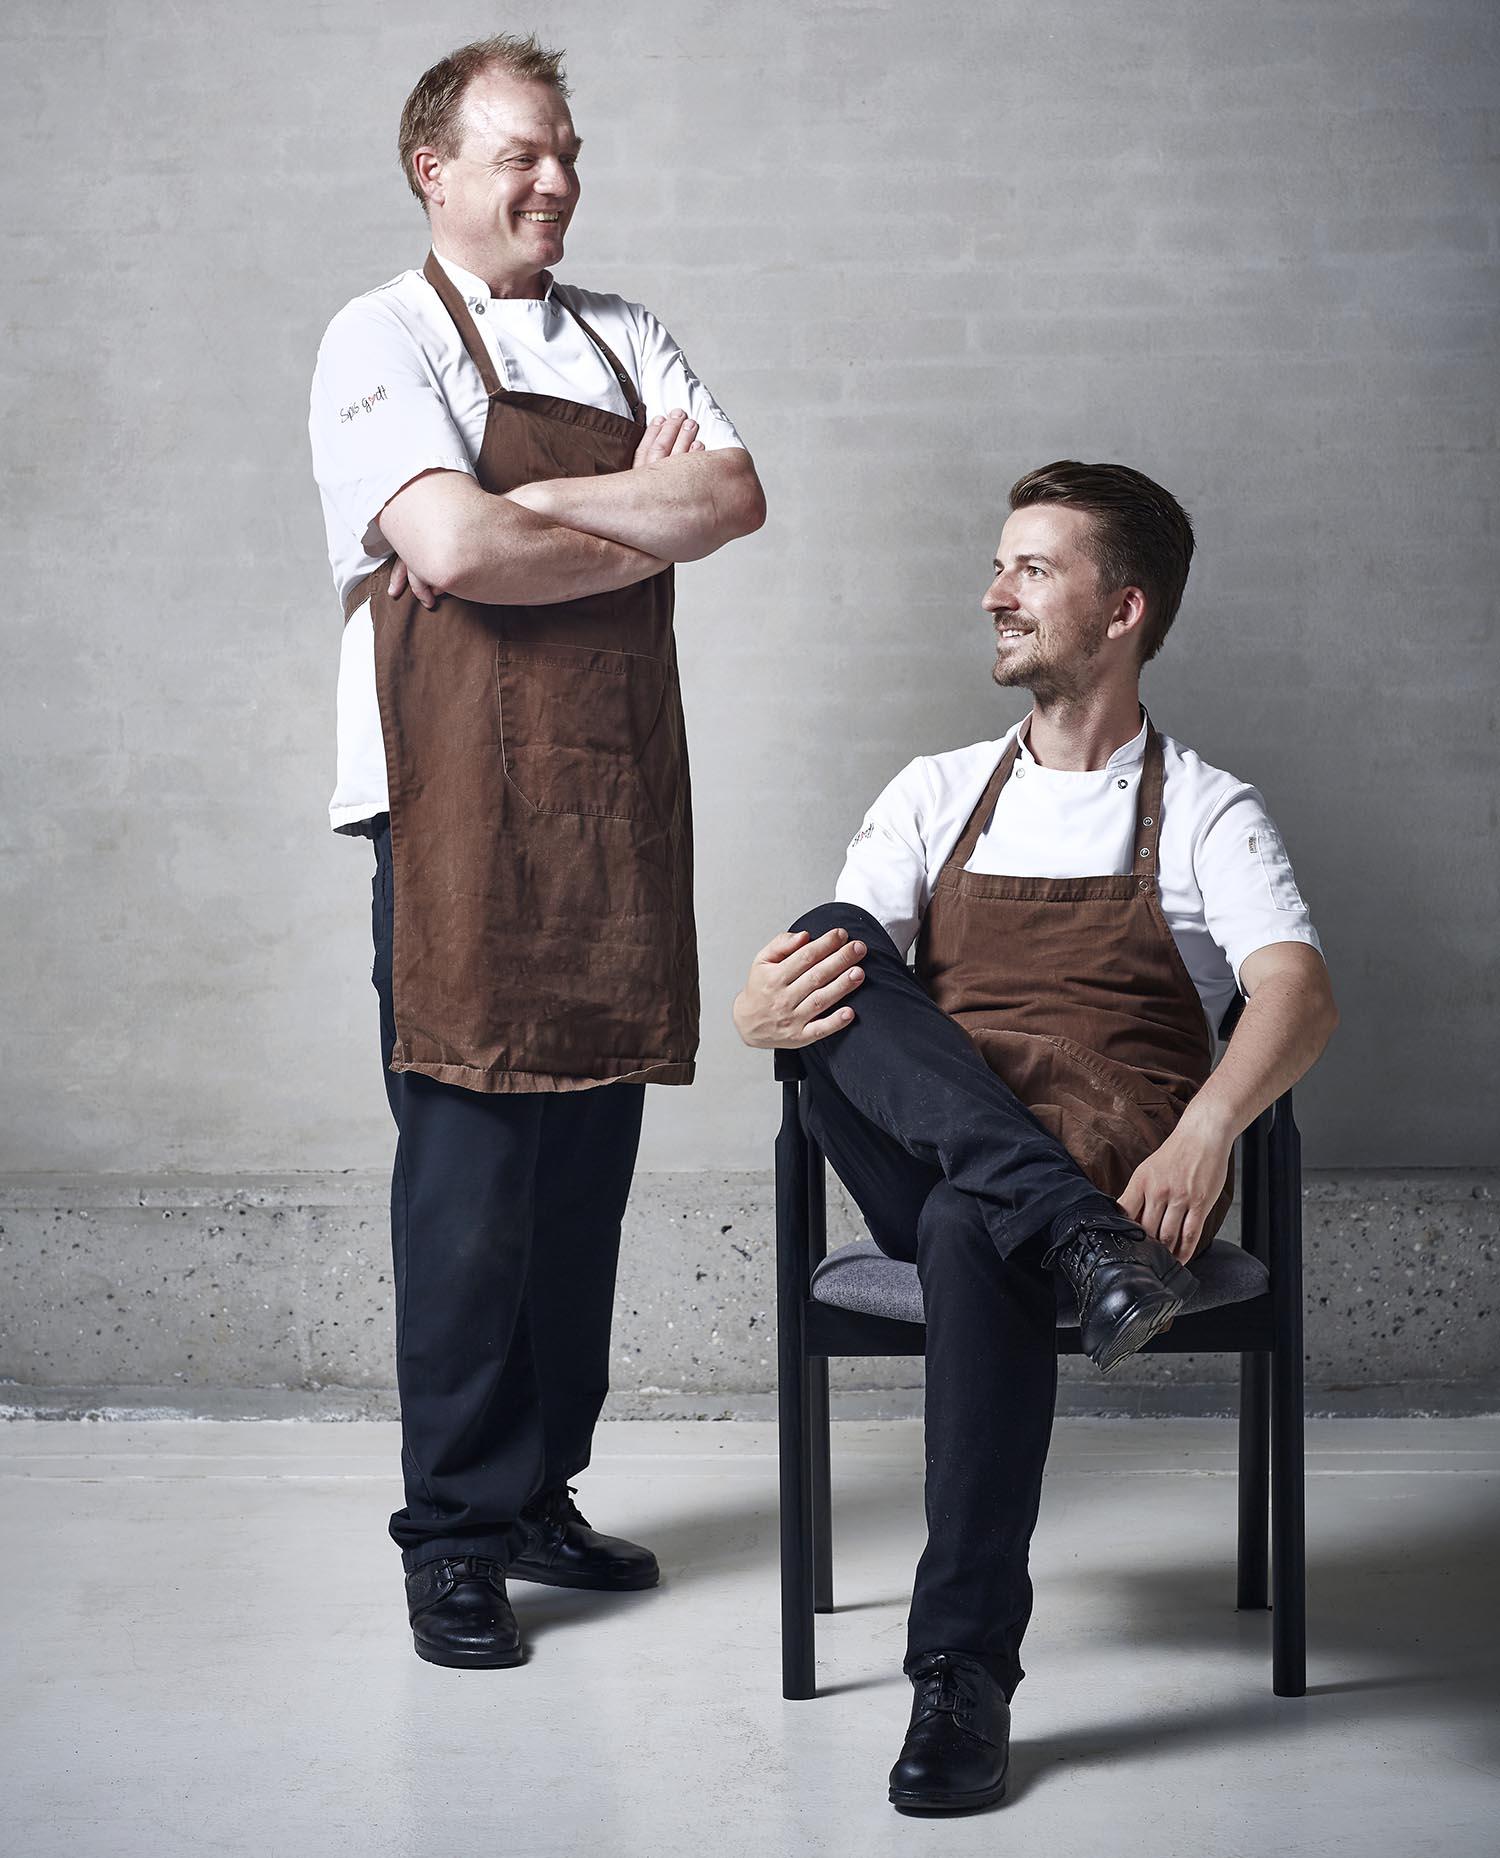 Martin og Jeppe Spis godt